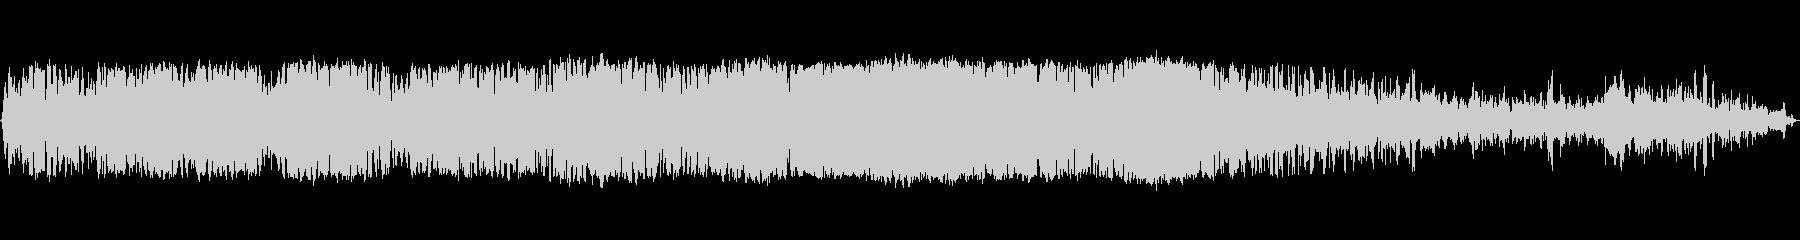 火山のシューという音、うがい、ブロ...の未再生の波形